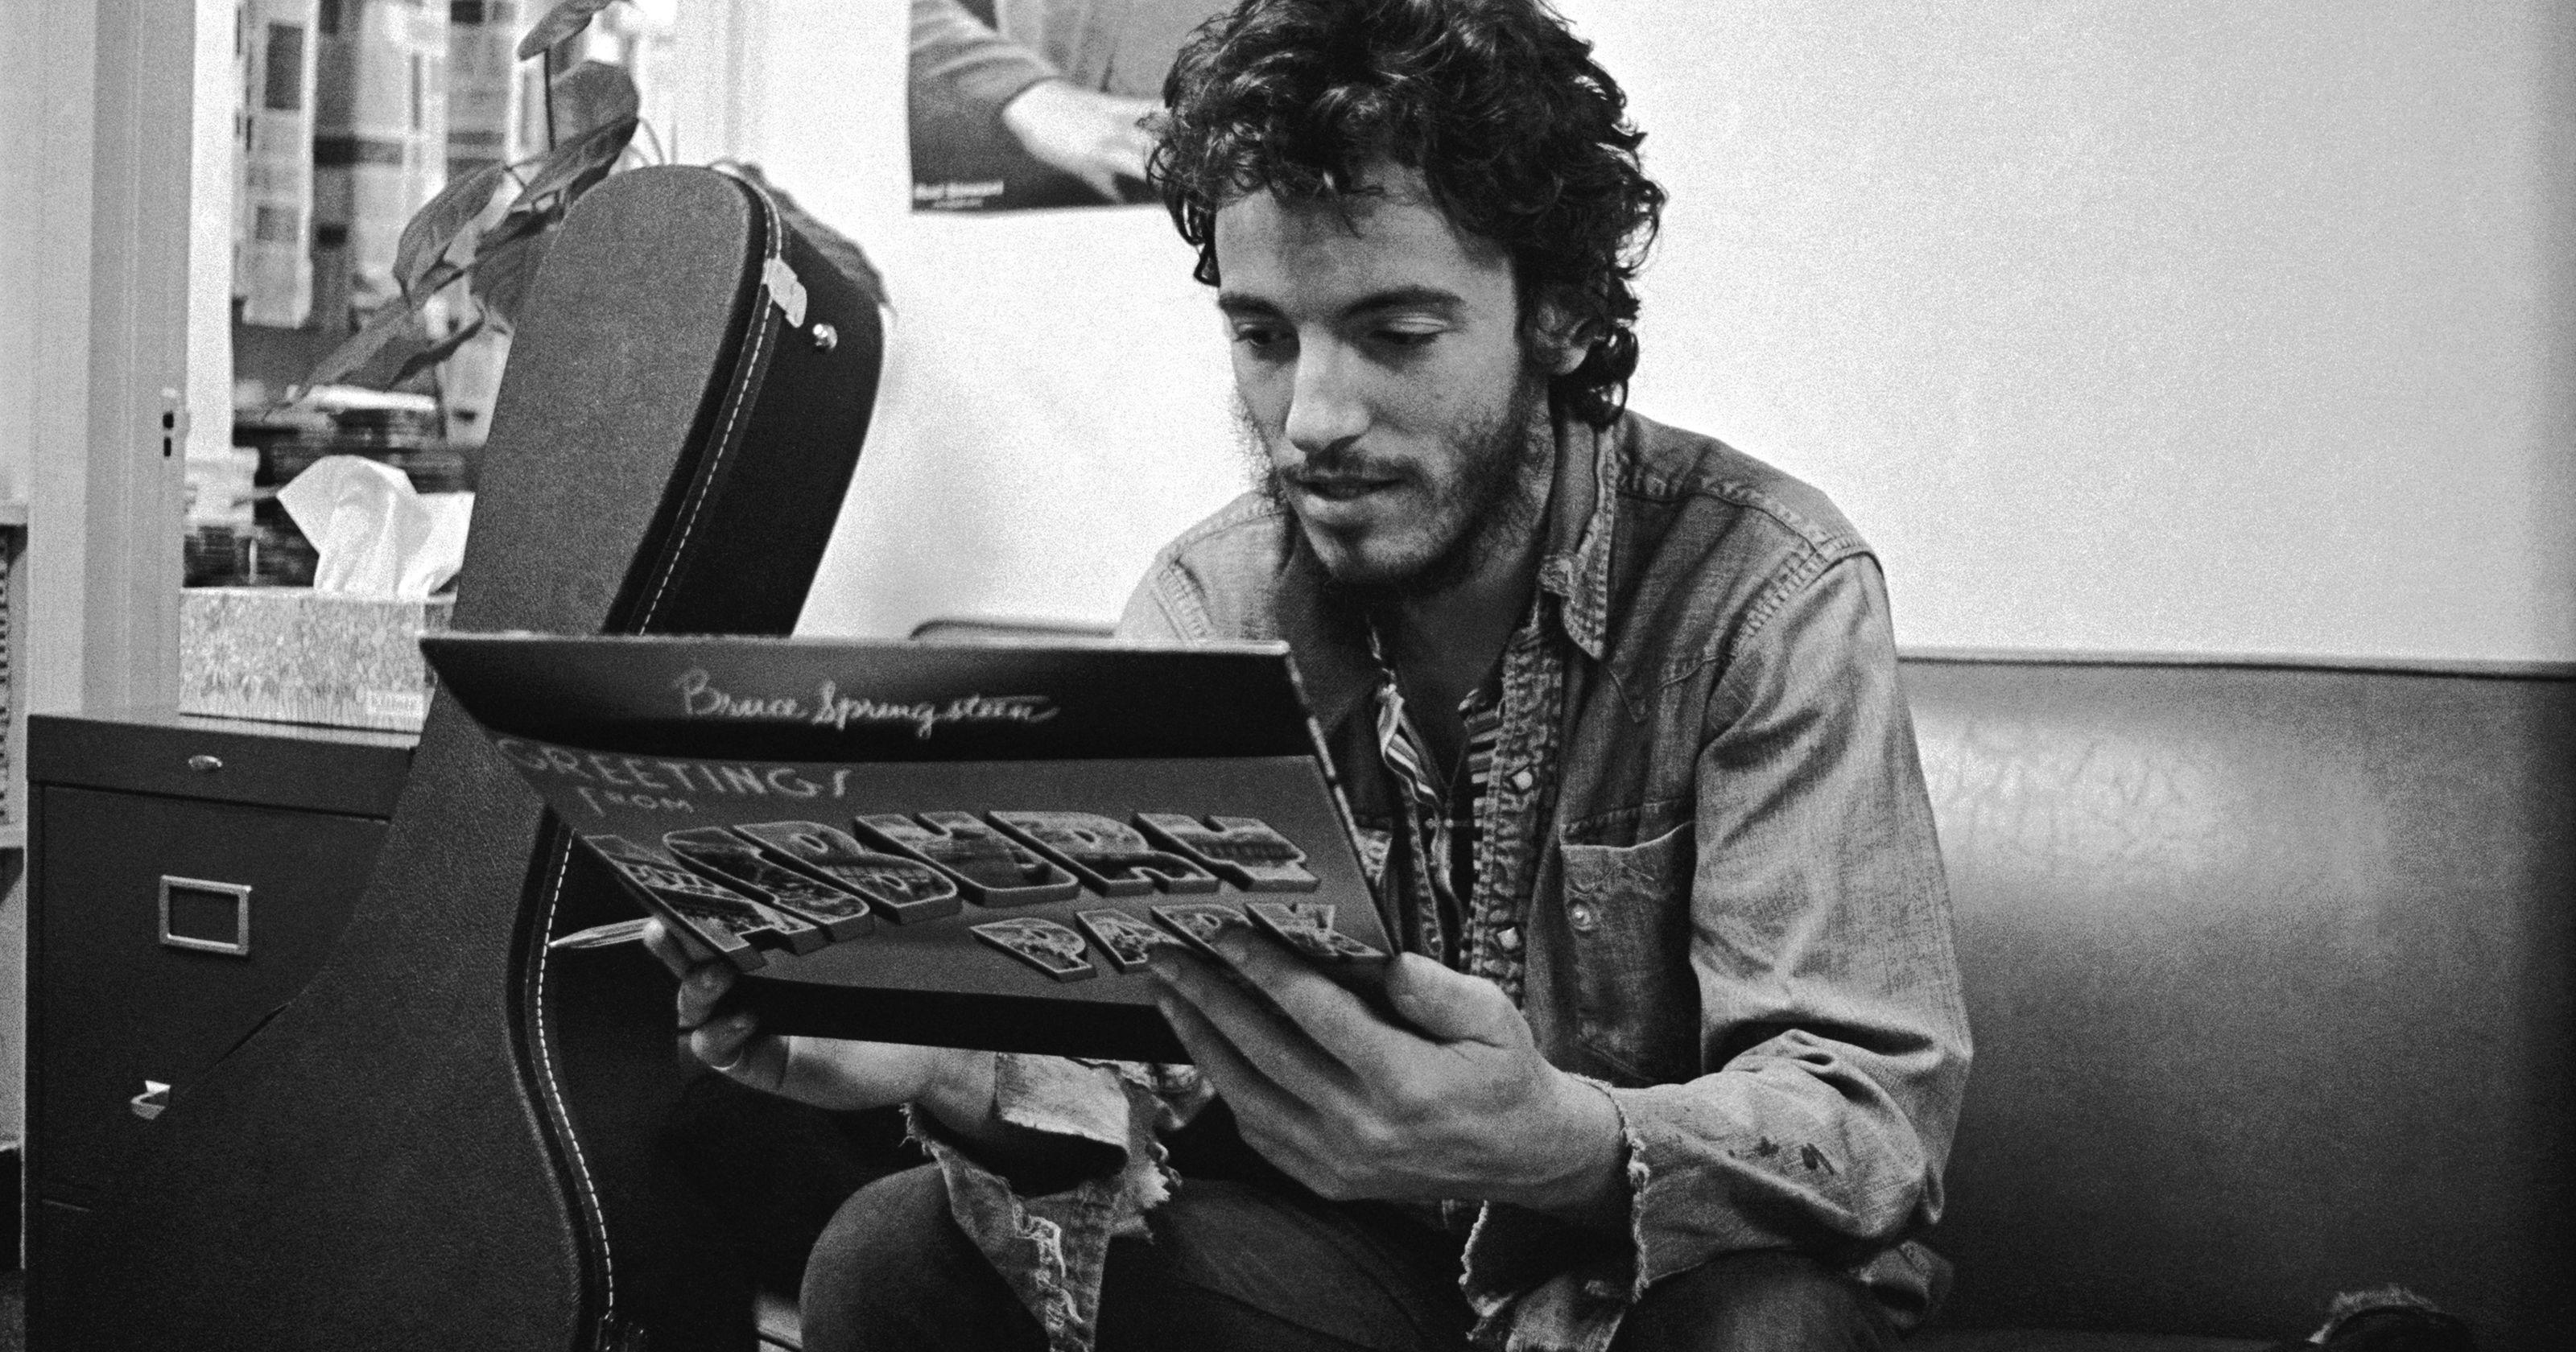 Cuarenta y cinco años del primer disco de Bruce Springsteen greeting from asbury park